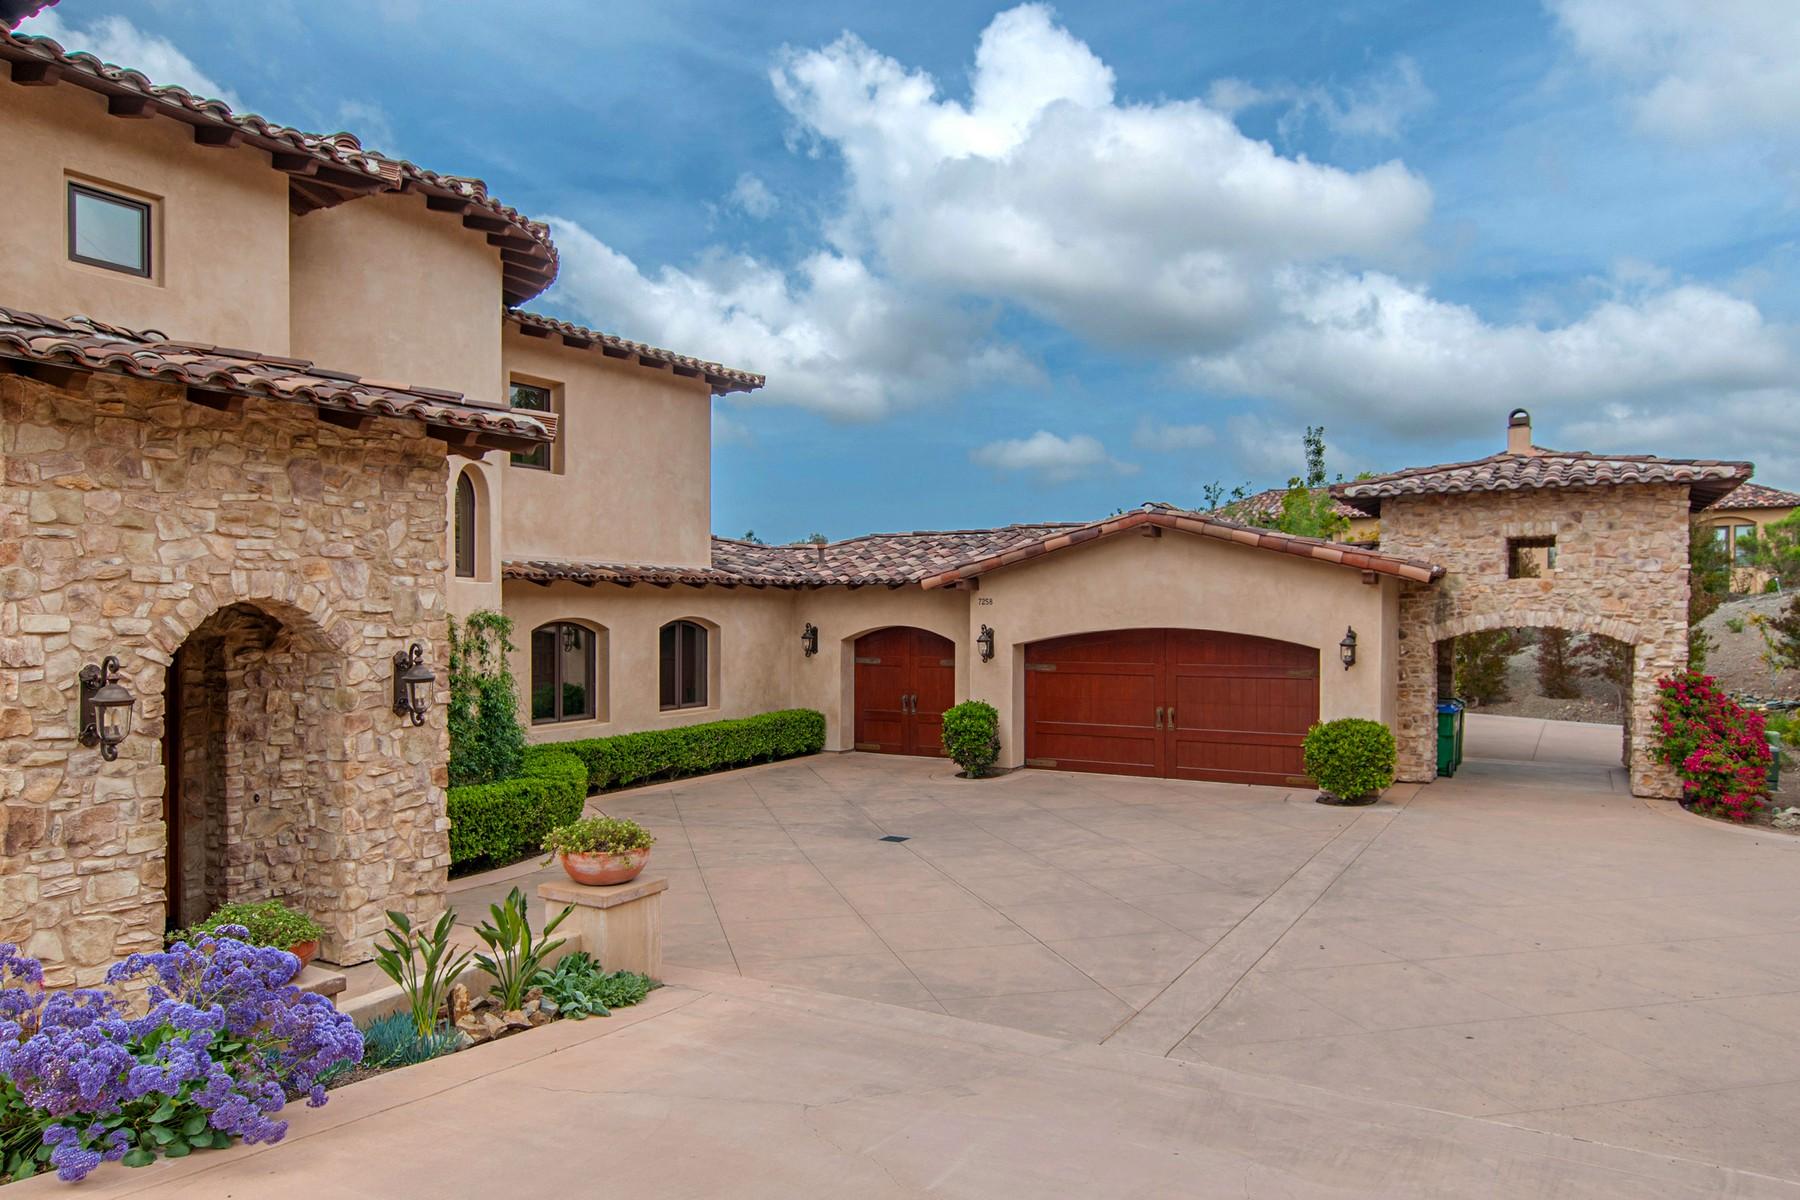 独户住宅 为 销售 在 7258 Camino de Arriba Rancho Santa Fe, 加利福尼亚州, 92067 美国